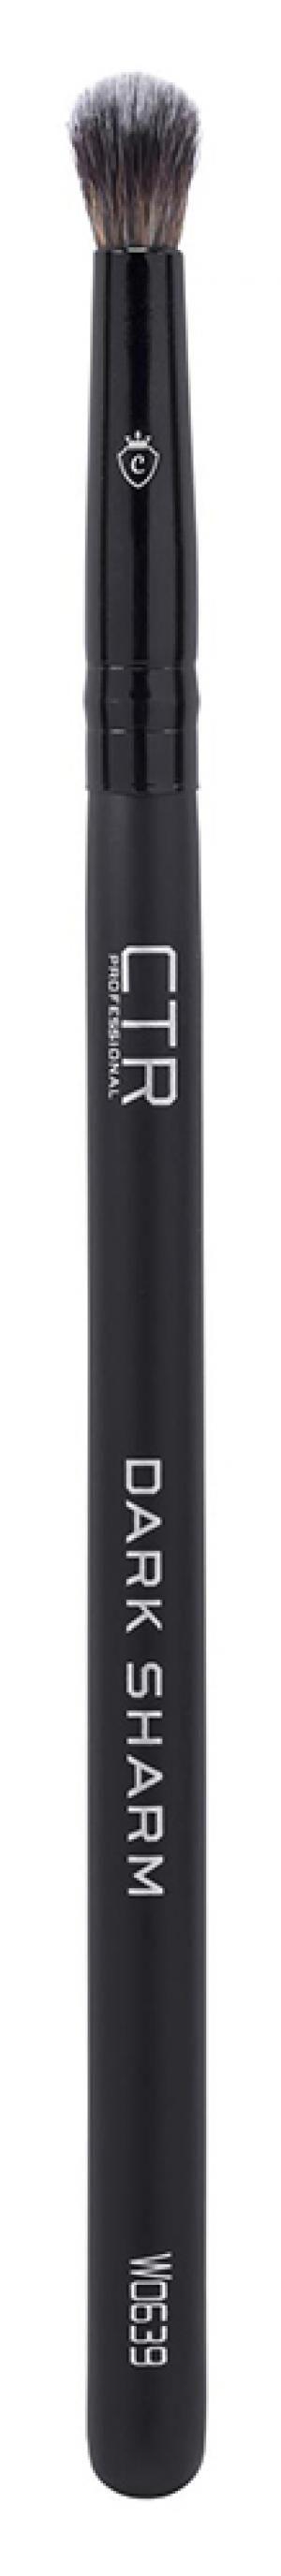 Кисть для коректора і консилера ворс таклон W0639  - 00-00011543